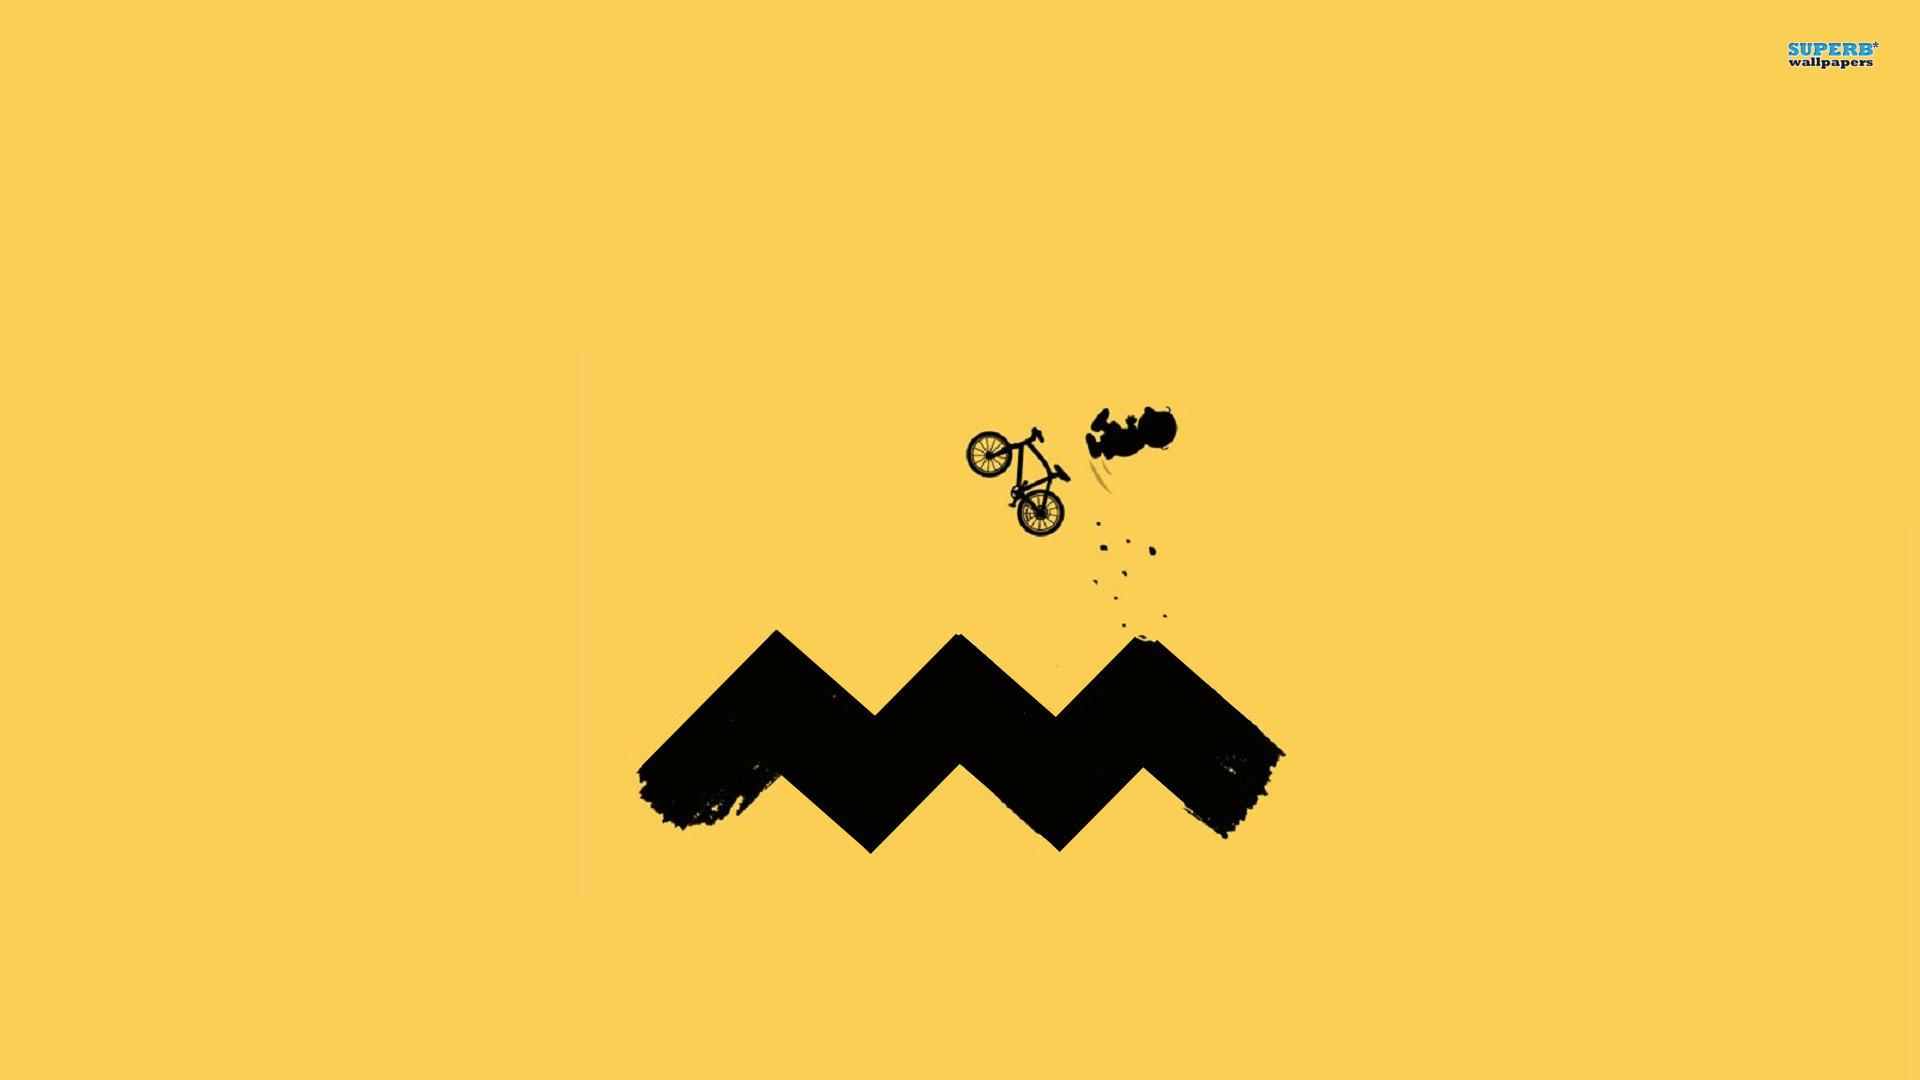 Charlie Brown 709101 1920x1080